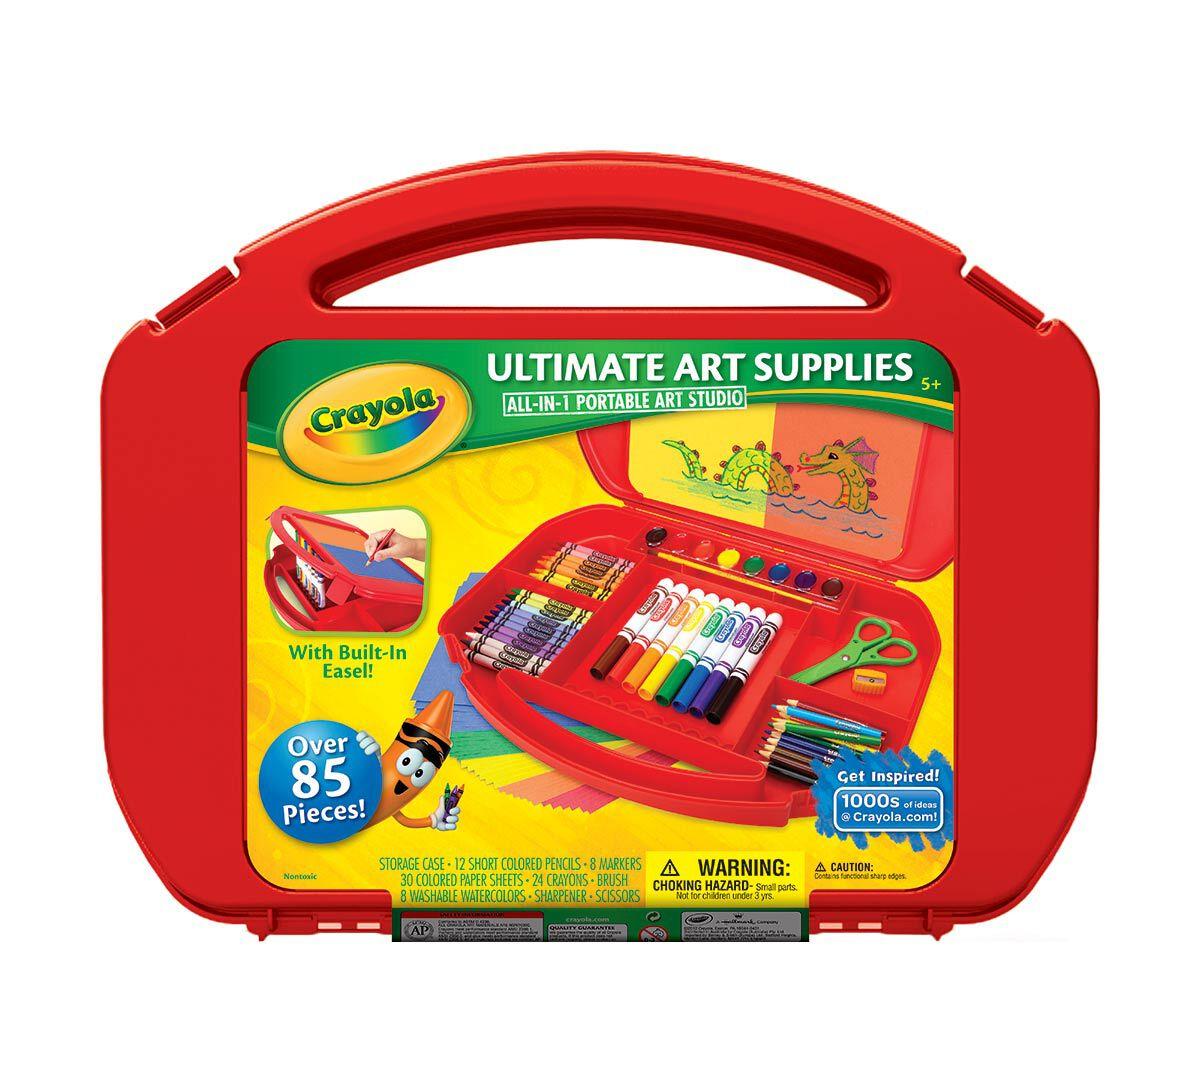 Crayola Ultimate Art Supplies & Easel 04-5674